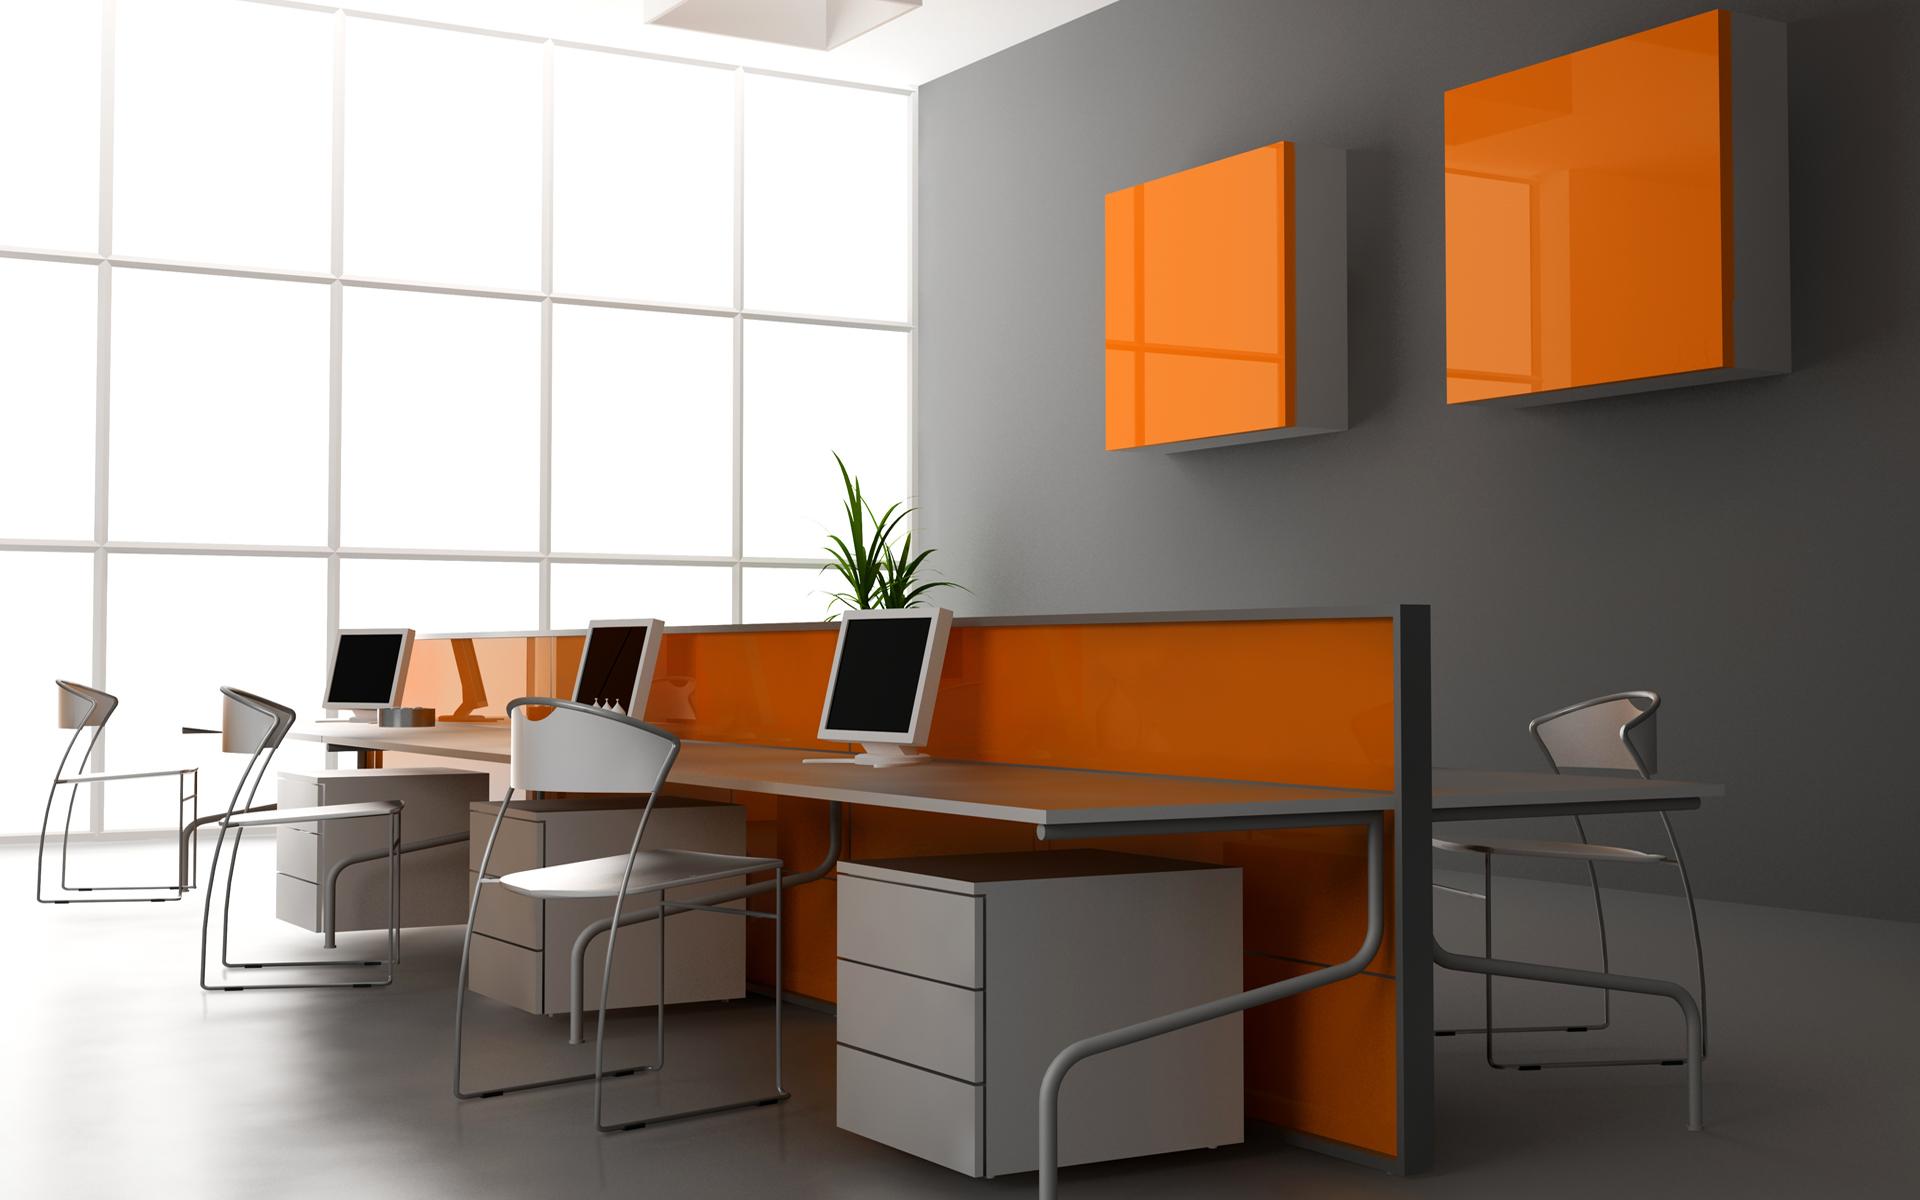 Diseño 3D de una oficina - 1920x1200